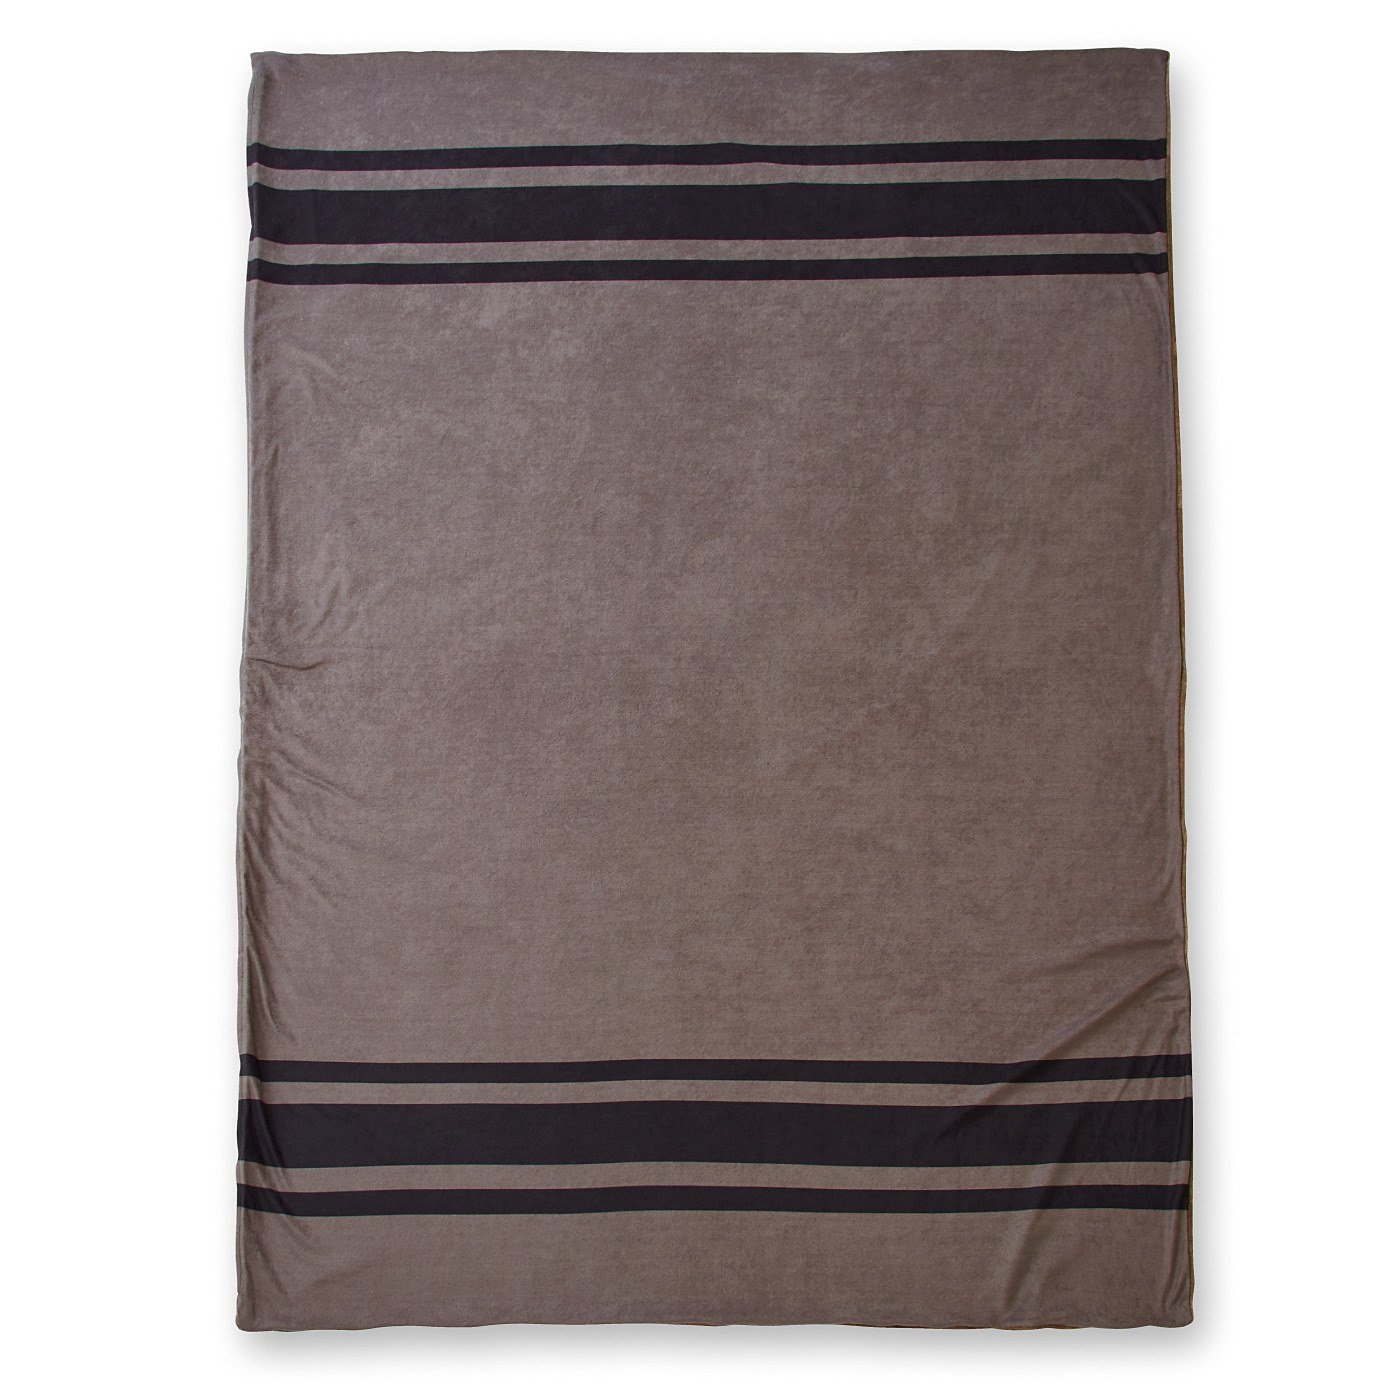 ヴィンテージブランケットのような 表はパイル裏はあったか 掛け布団カバー〈ヴィンテージグレー〉